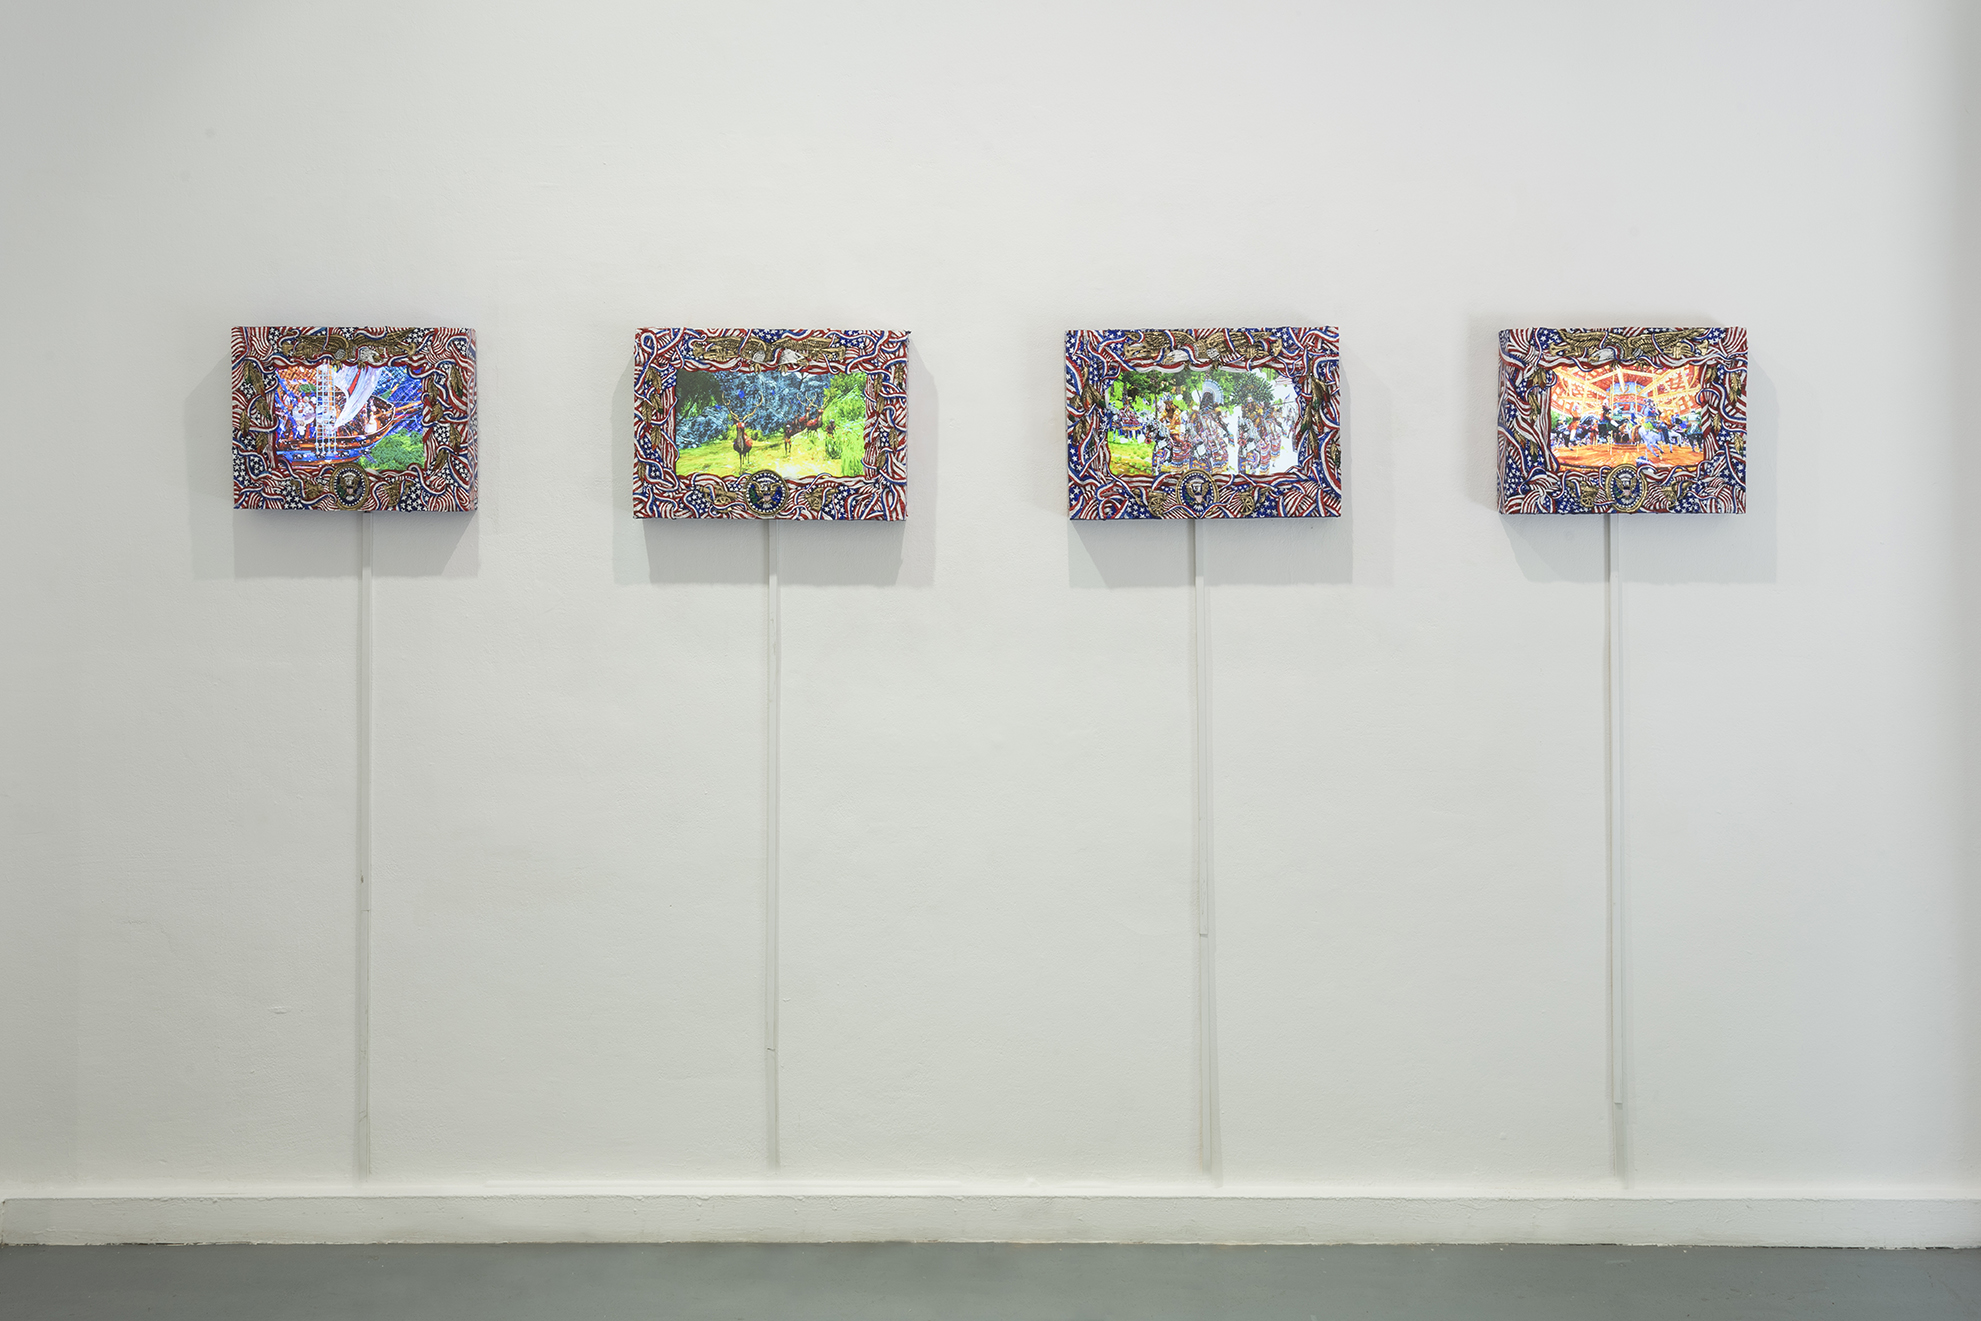 Vista de la exposición Mundus Novus, de Federico Solmi, en ADN Galería, Barcelona, 2019. Cortesía del artista y ADN Galería. Foto: Roberto Ruiz.